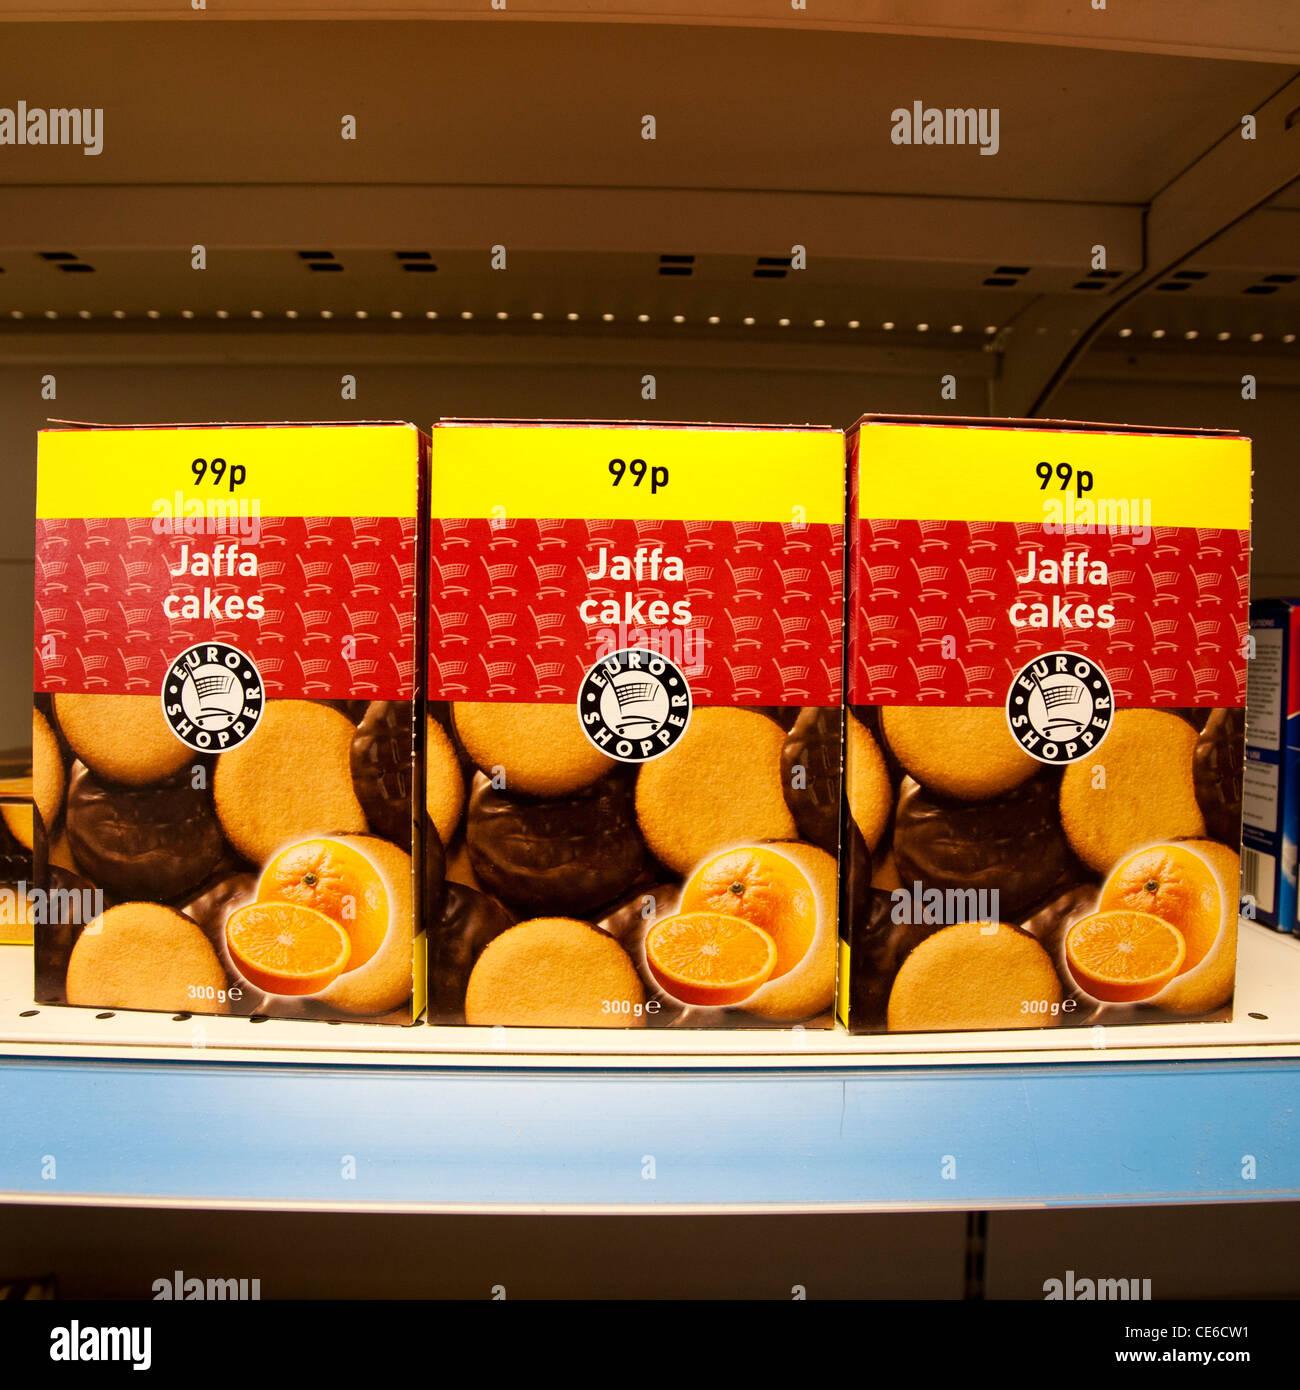 Pacchetti di 99p il nematode del pino brand economici generici Jaffa torte in vendita in un angolo shop UK Immagini Stock